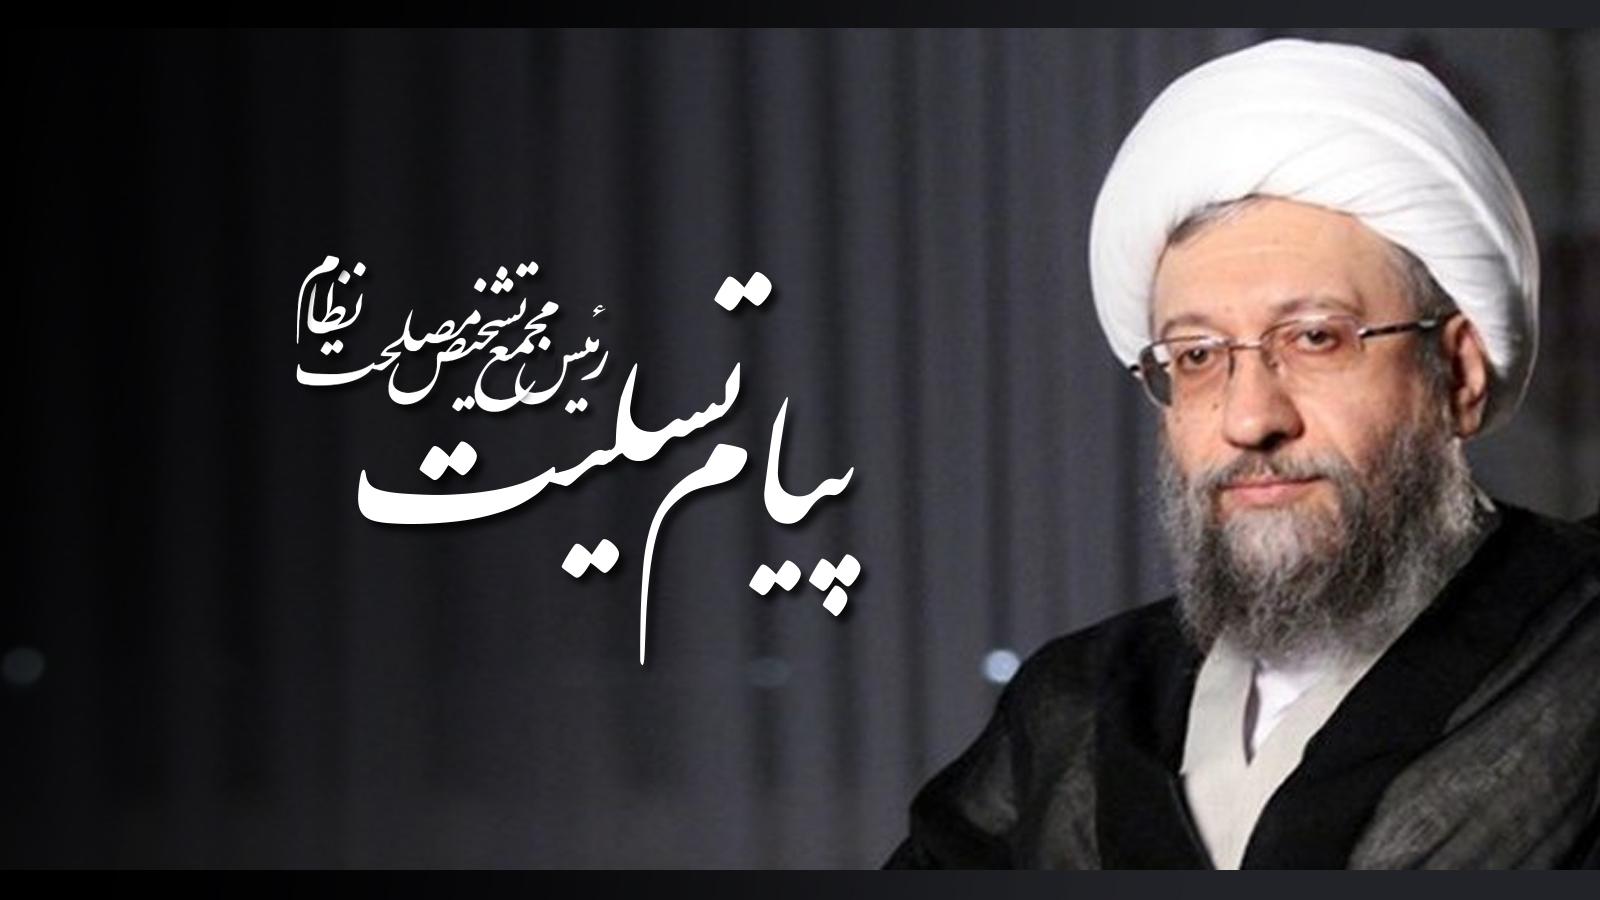 پیام تسلیت رئیس مجمع تشخیص مصلحت نظام به آیت الله سید جعفر کریمی